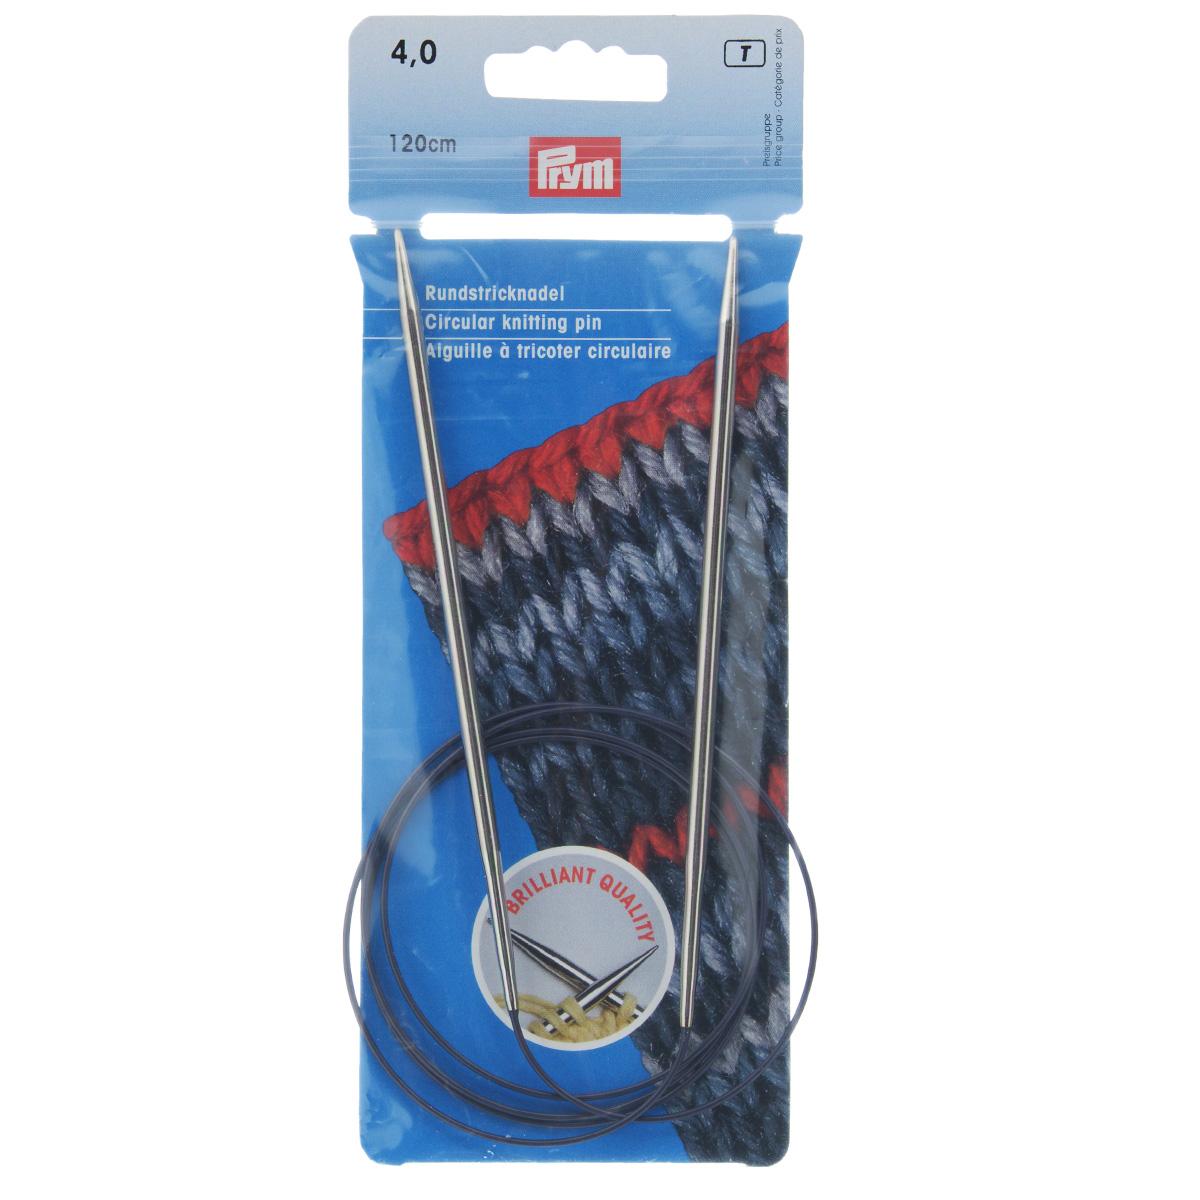 Спицы Prym, латунные, круговые, диаметр 4 мм, длина 120 см212147Спицы для вязания Prym изготовлены из латуни. Кончики спиц закругленные. Спицы скреплены гибким, пластиковым шнуром. Они прочные, легкие, гладкие, удобные в использовании. Круговые спицы наиболее удобны для выполнения деталей и изделий, не имеющих швов. Короткими круговыми спицами вяжут бейки горловины, воротники-гольф, длинными спицами можно вязать по кругу целые модели. Вы сможете вязать для себя, делать подарки друзьям. Рукоделие всегда считалось изысканным, благородным делом. Работа, сделанная своими руками, долго будет радовать вас и ваших близких. Диаметр: 4 мм. Материал: латунь, пластик.